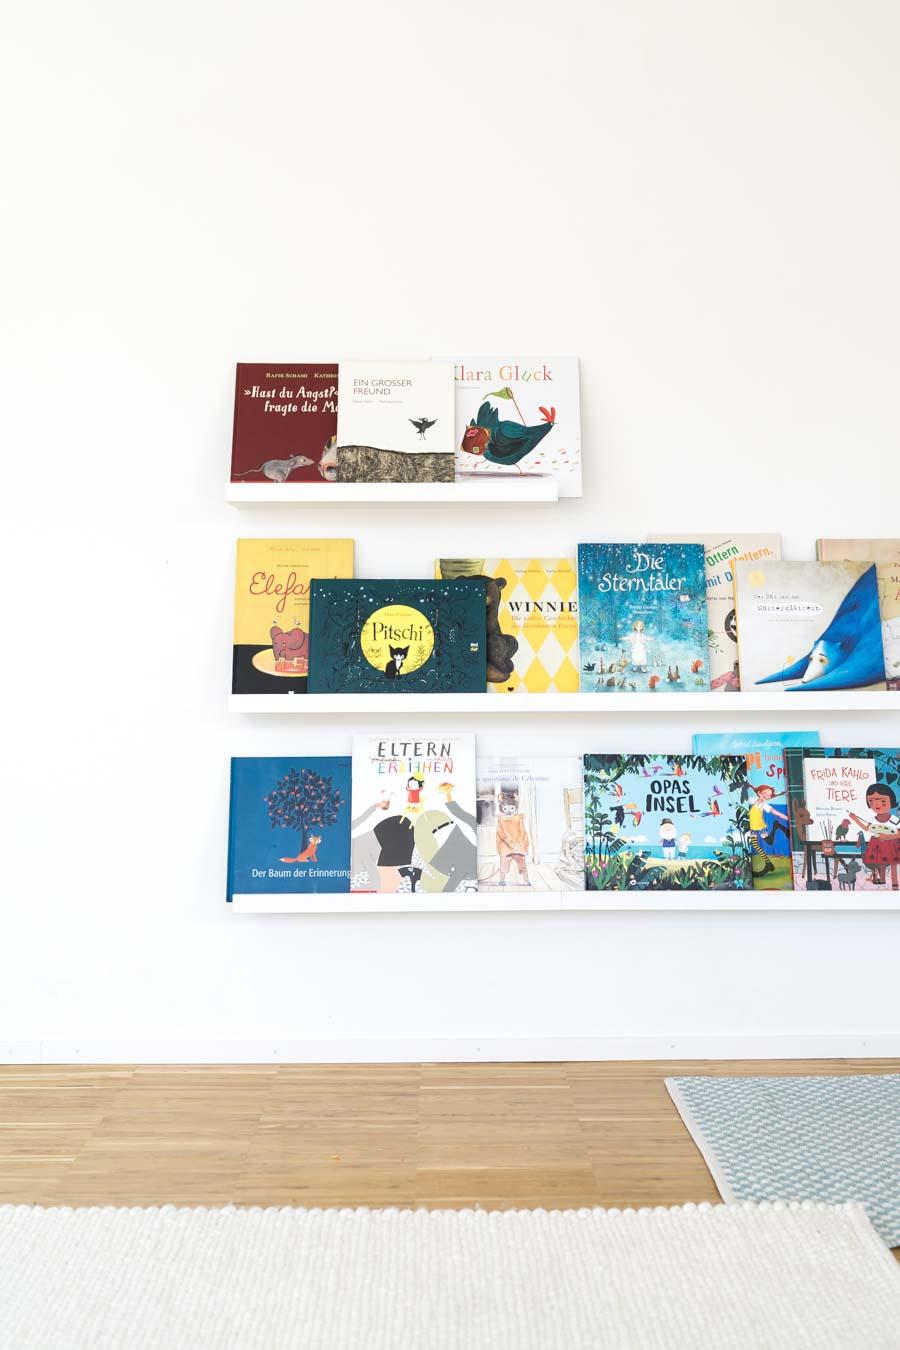 """Buchdeckel nach vorne, laden Kinder ein zum Lesen. // Aus dem Artikel """"7 Tipps, wie man ein Montessori Kinderzimmer einrichten kann, auch mit einem knappen Budget"""" Alles Ideen, die ihr sofort umsetzen könnt: www.chezmamapoule.com #montessori #vorbereiteteumgebung #montessorizuhause"""